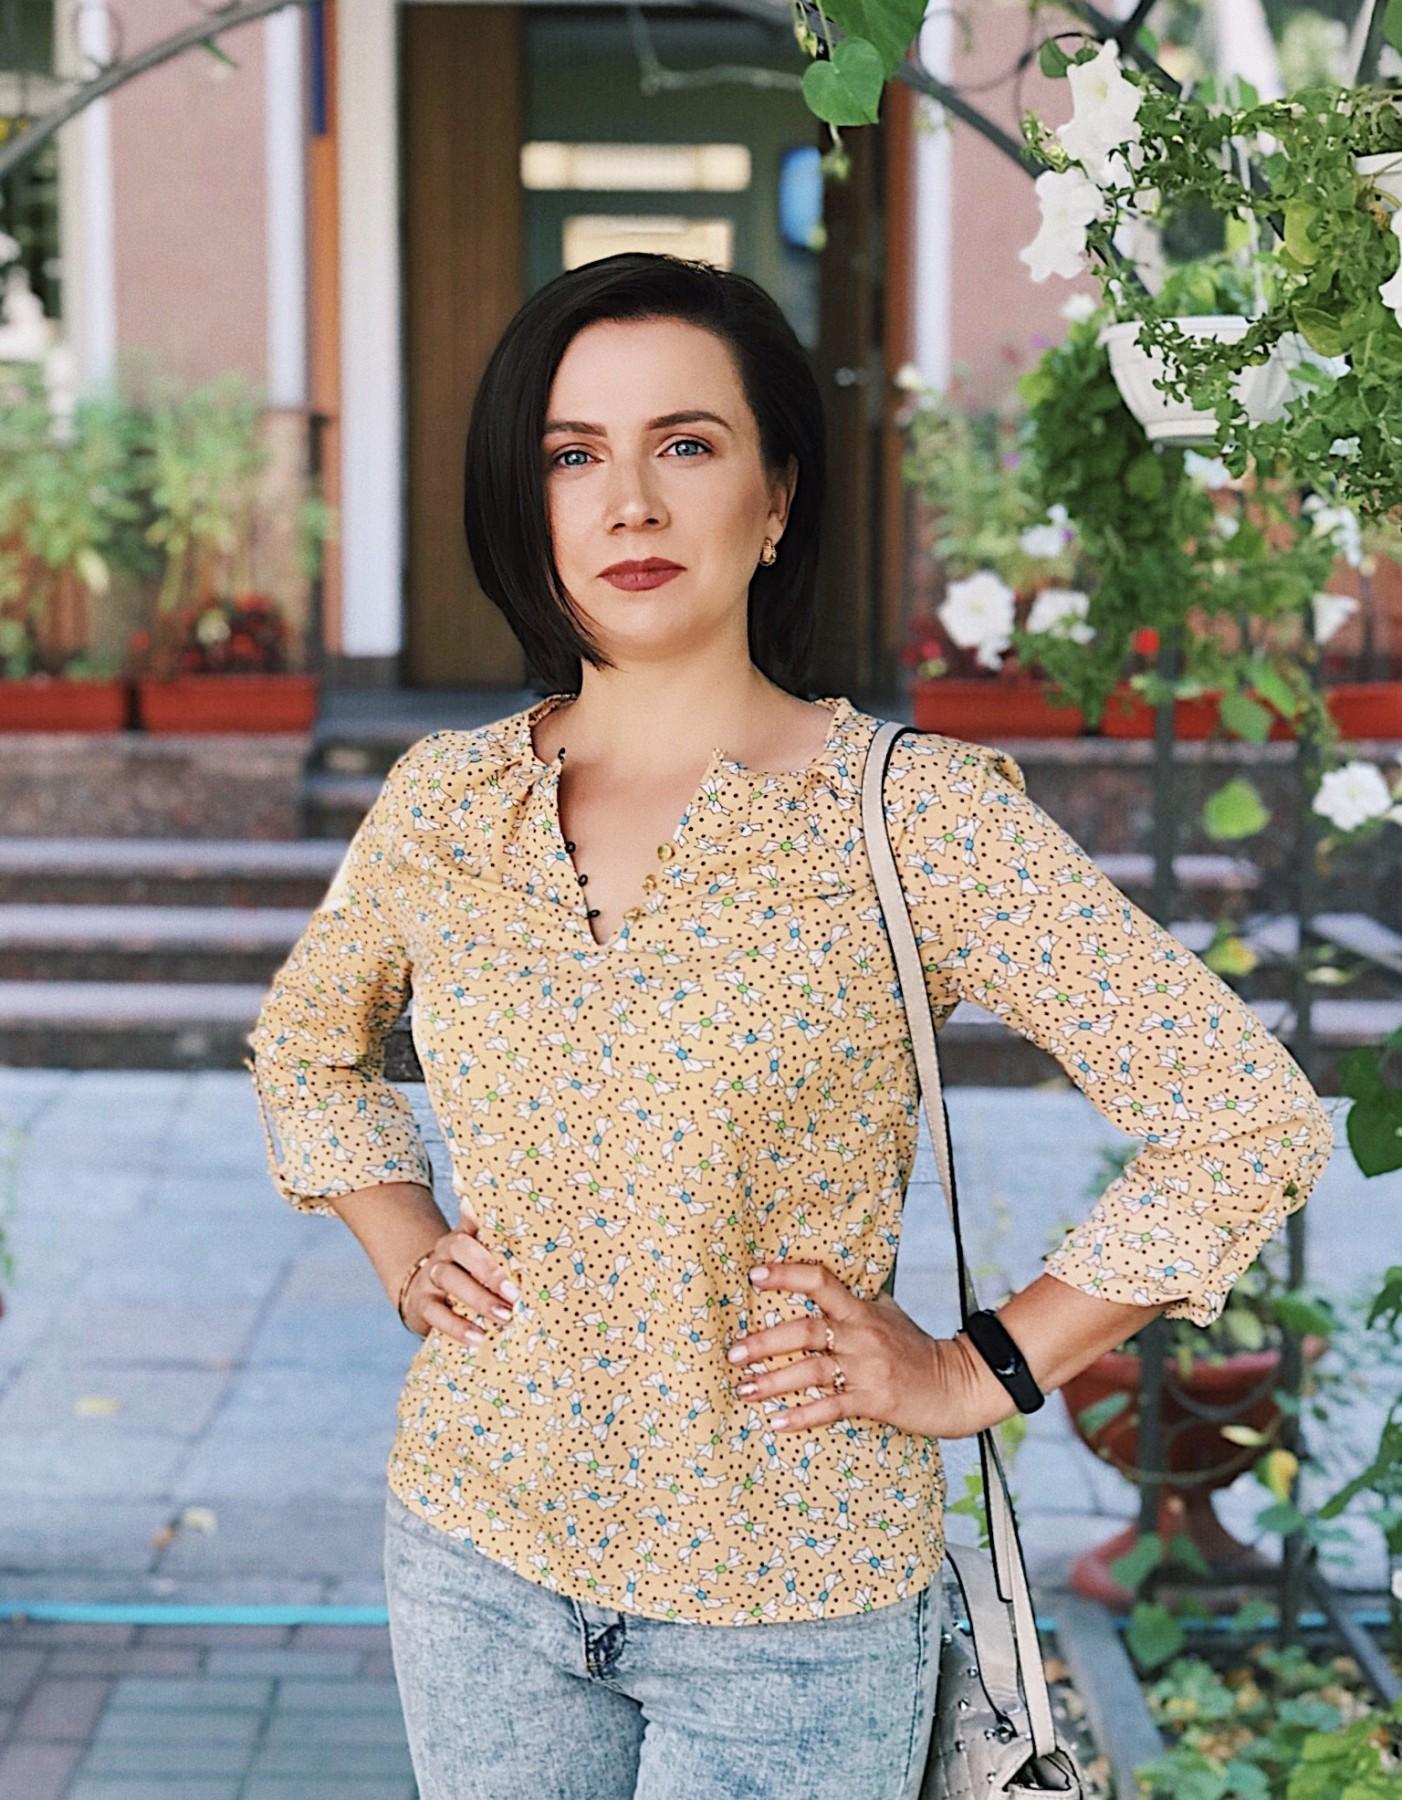 Светлана Бачковская: Из учителя в таргетологи